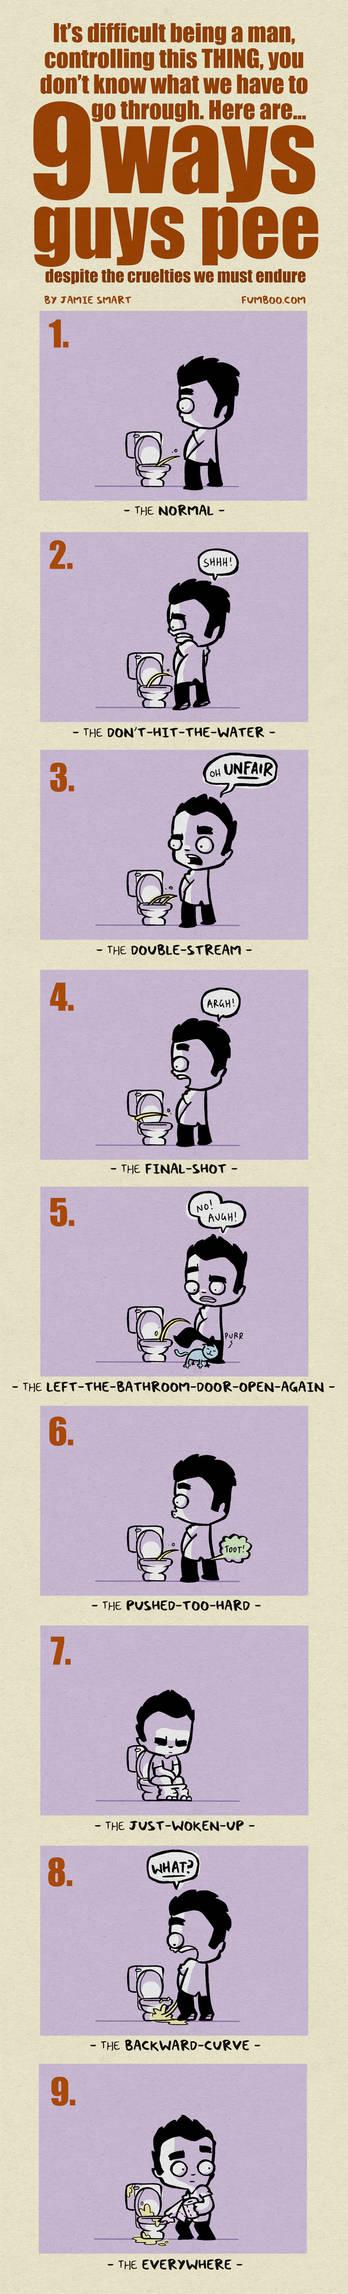 9 ways guys pee